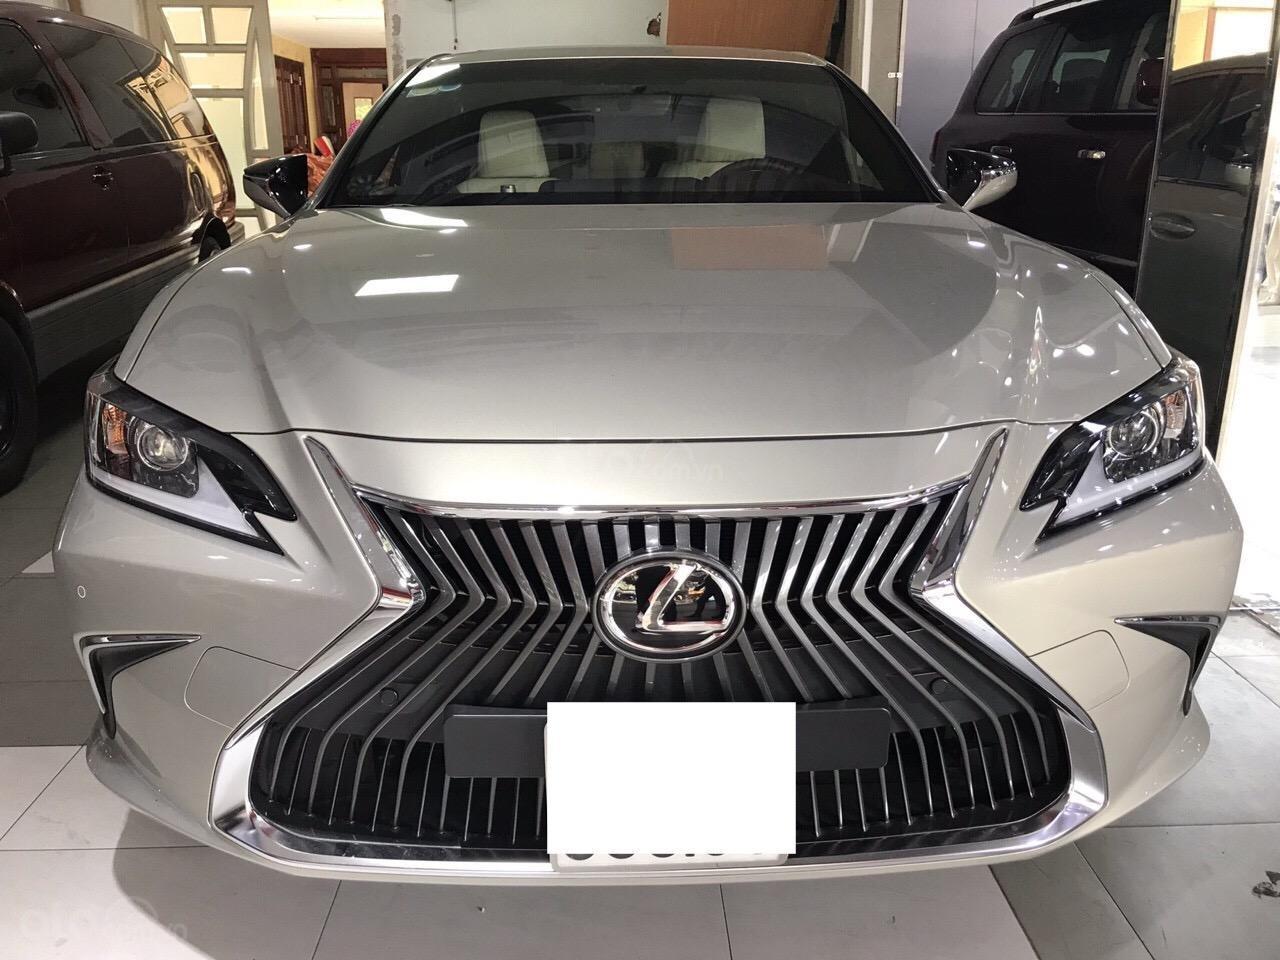 Bán Lexus ES 250 2019, đi đúng 2500km siêu lướt, bảo hành 3 năm bao kiểm tra chất lượng xe tại hãng (1)